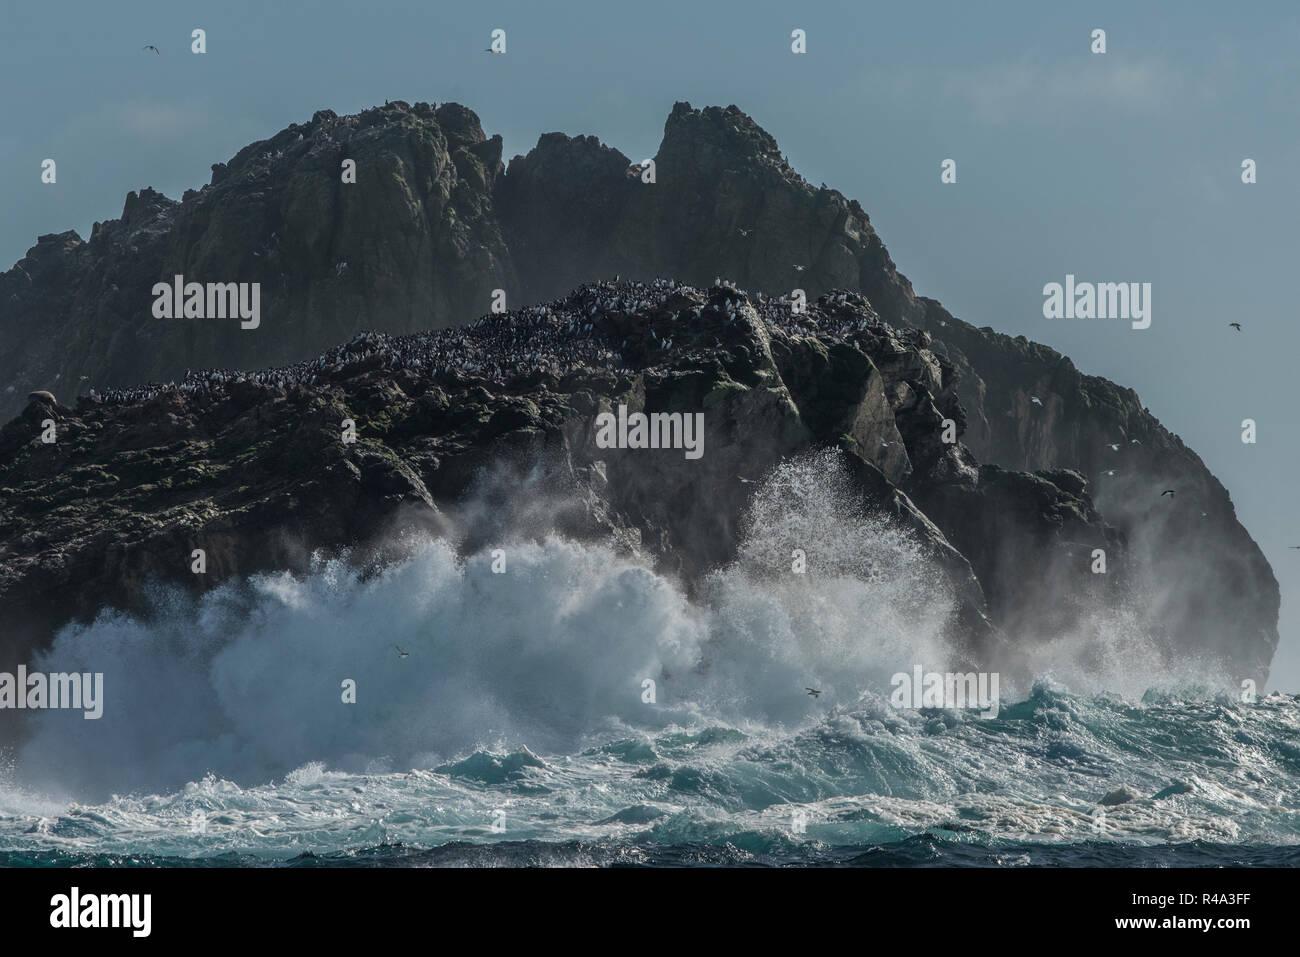 Die Wellen gegen das Ufer der Farallon Islands vor der Küste von Kalifornien, die Inseln sind ein wichtiger Nistplatz für pelagische Vögel. Stockfoto